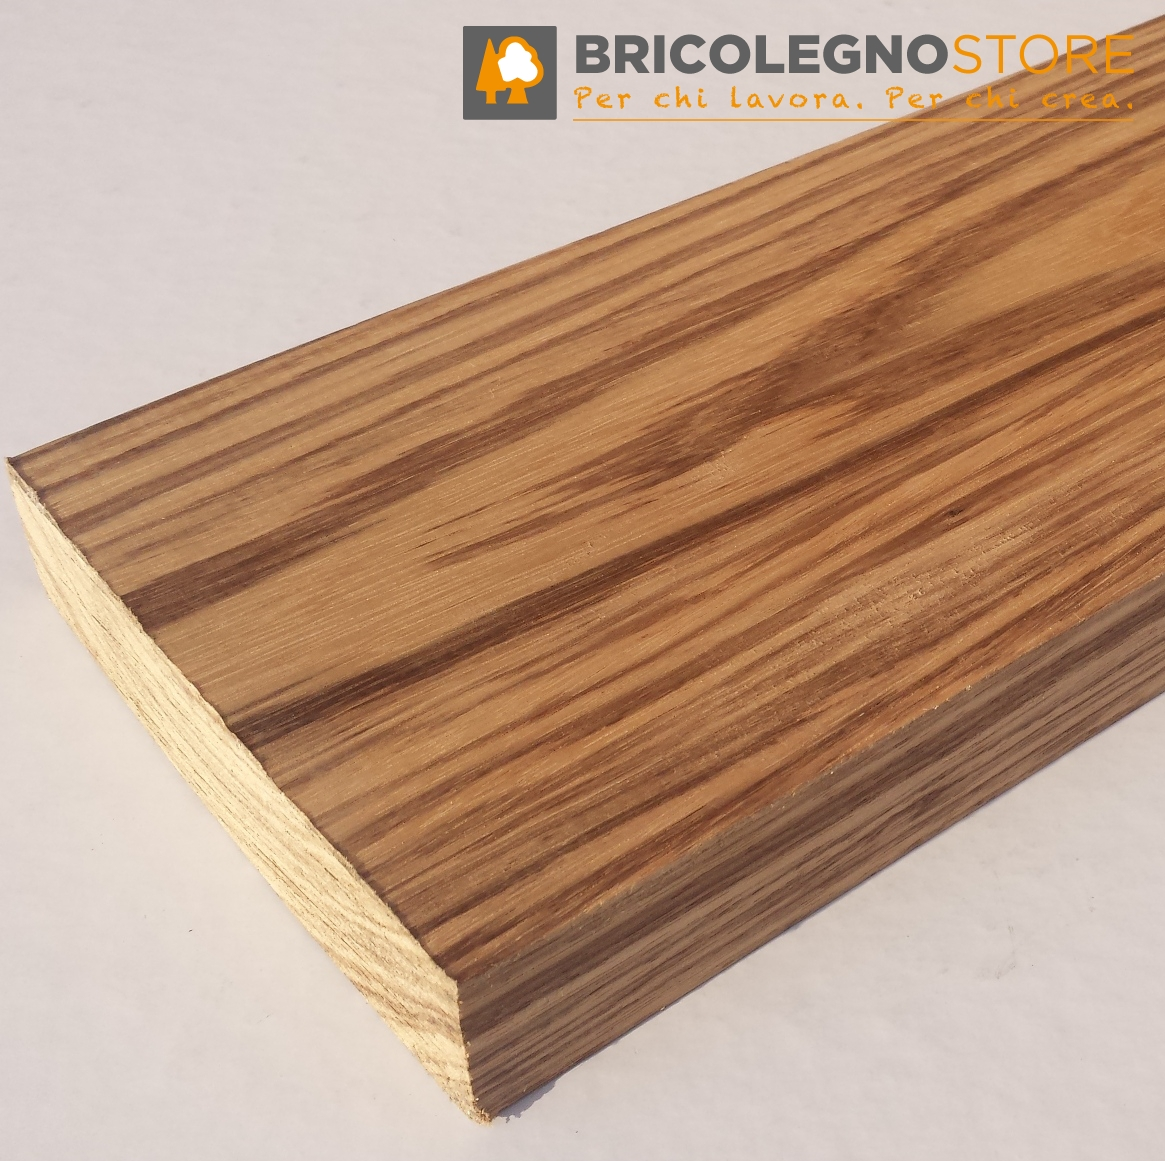 Tavole legno di Beli Piallate (legno simile allo Zebrano ...